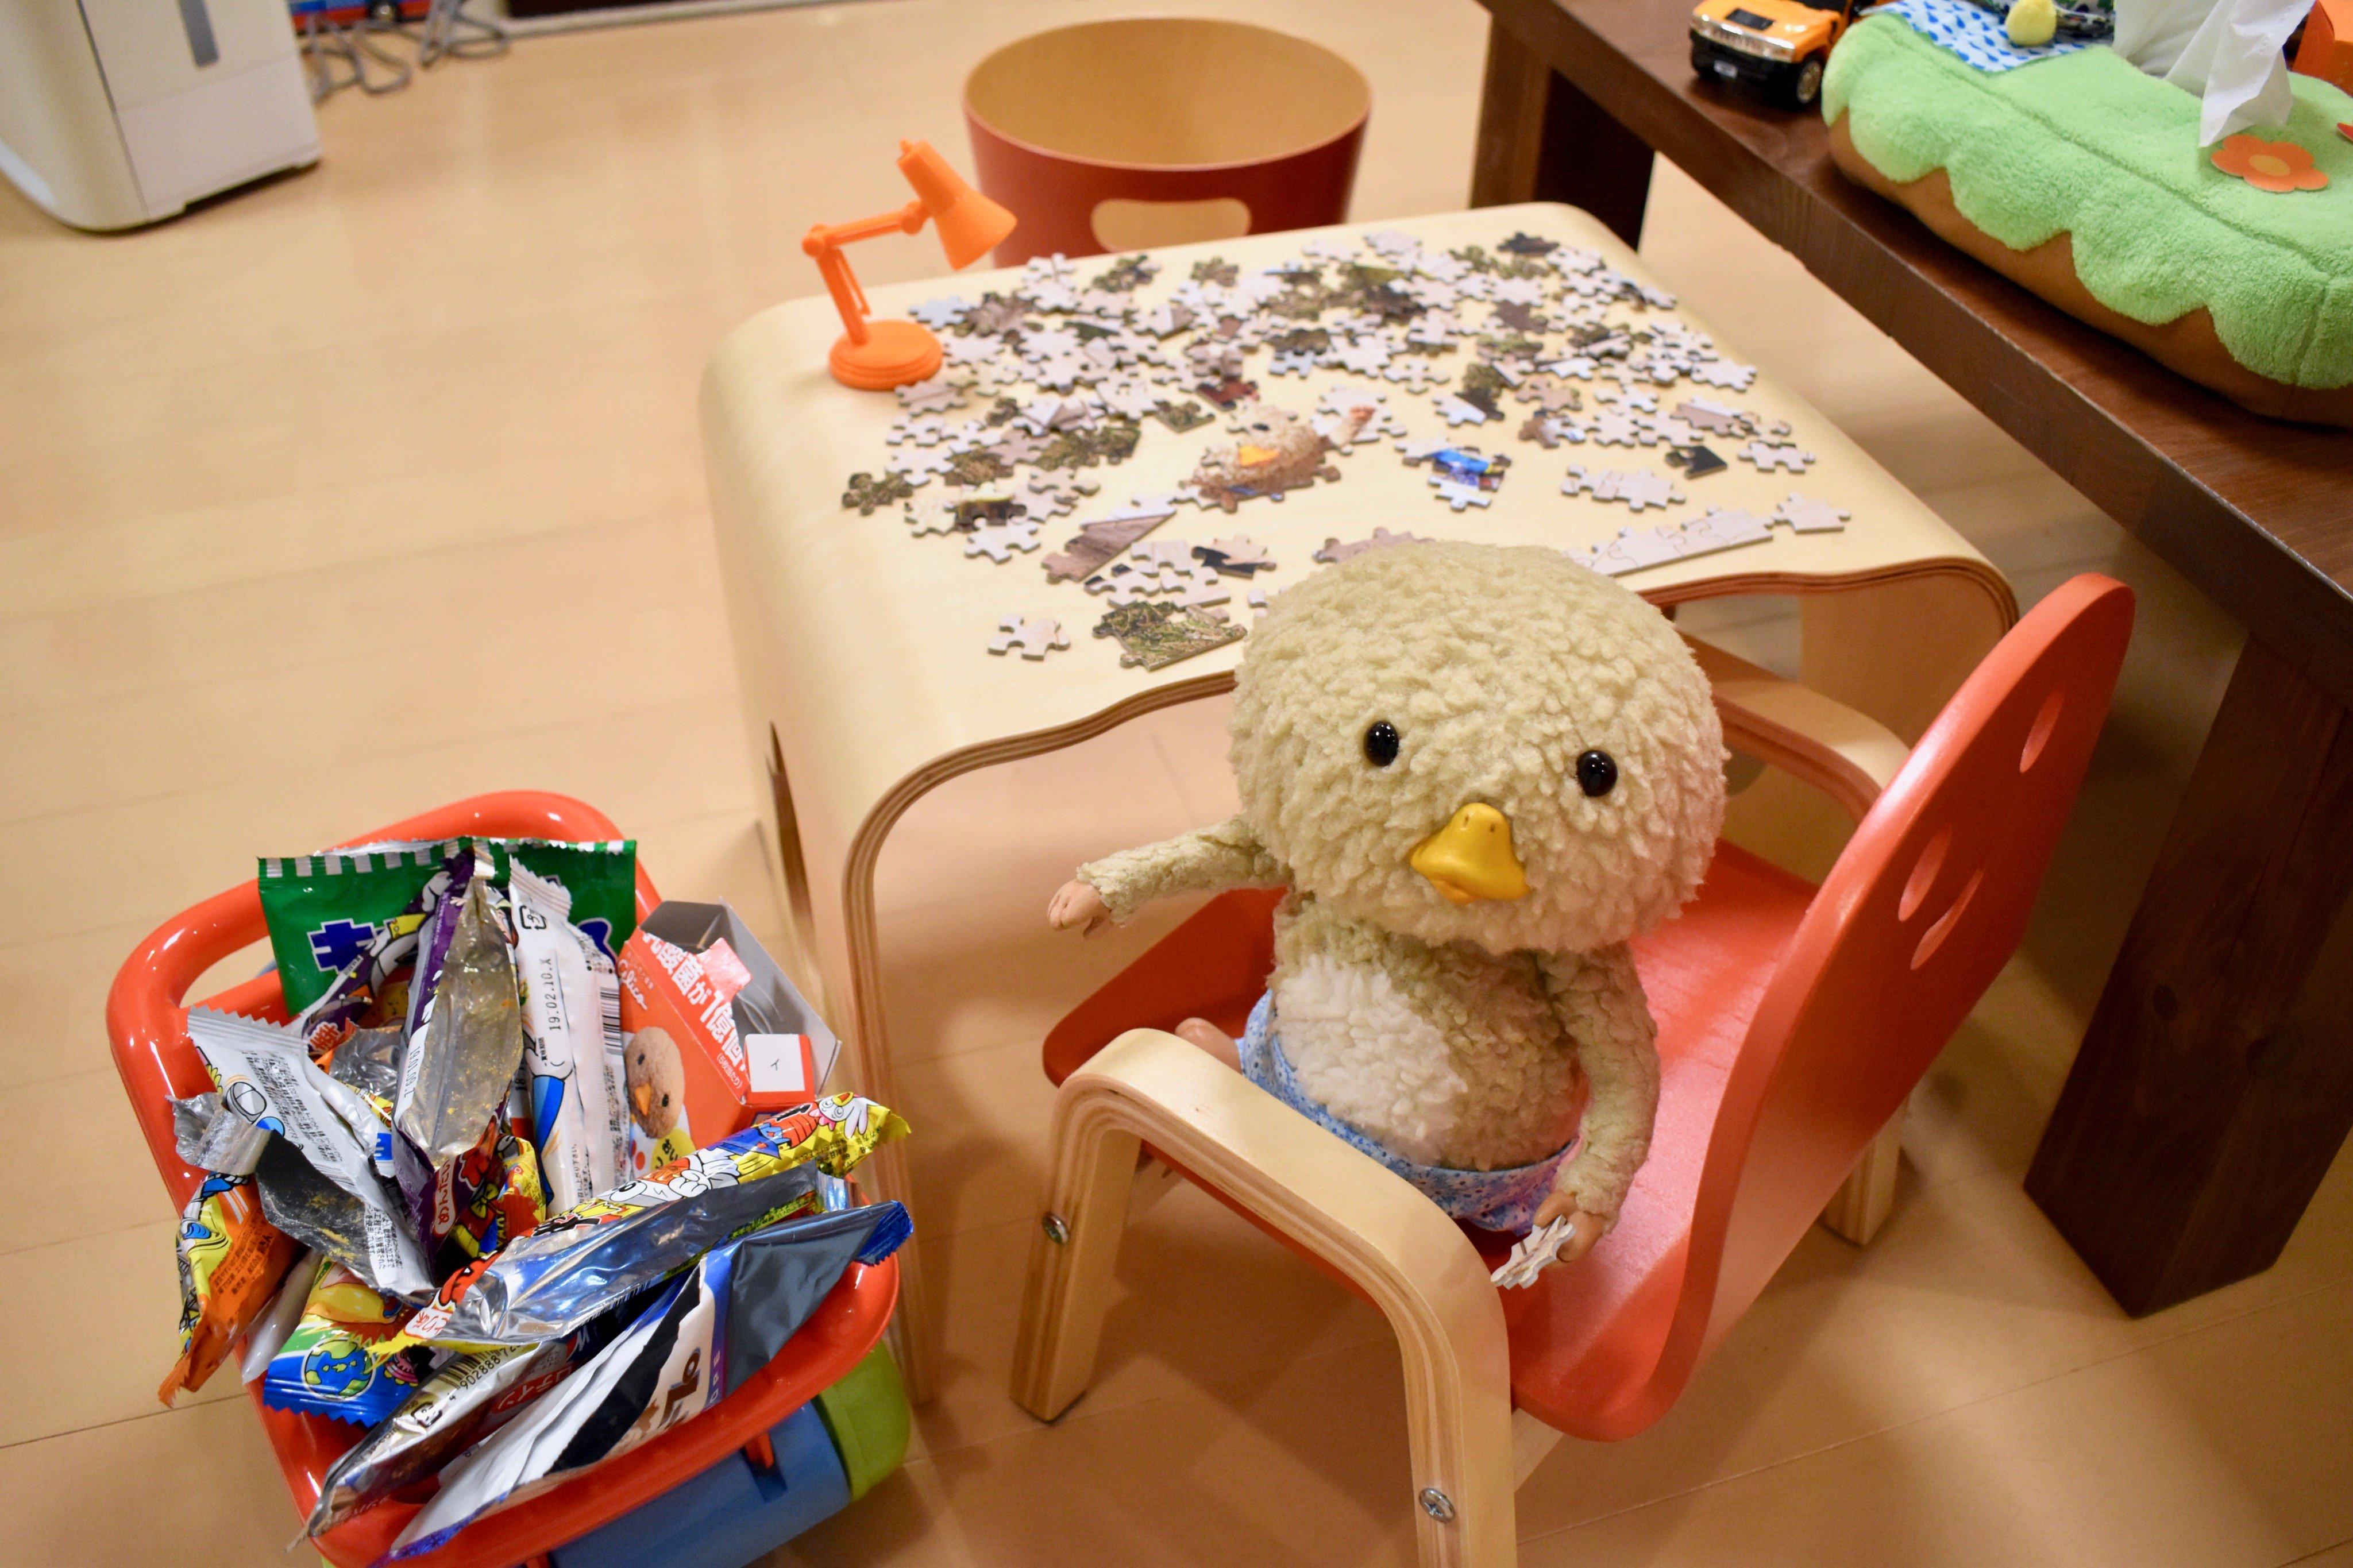 東京トガリ,大好き,かわいい,年末大晦日,楽しみ,ぬいぐるくん,ノラ